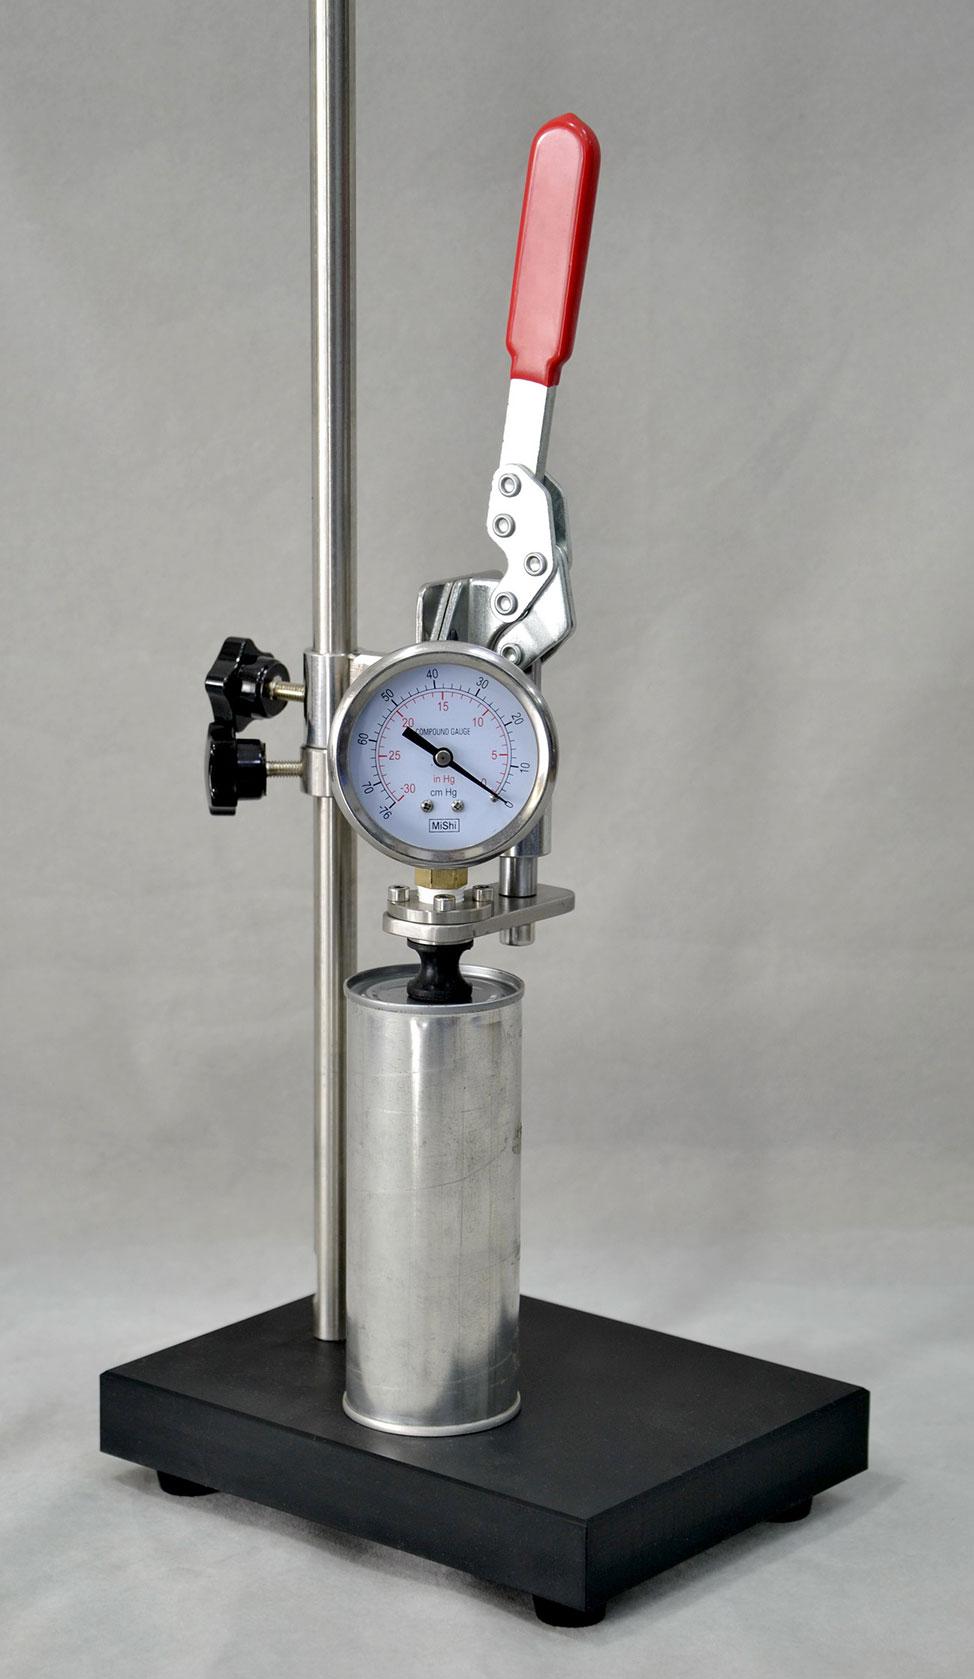 Pvg A Pvg D Pressure Or Vacuum Gauge Simple Pressure Or